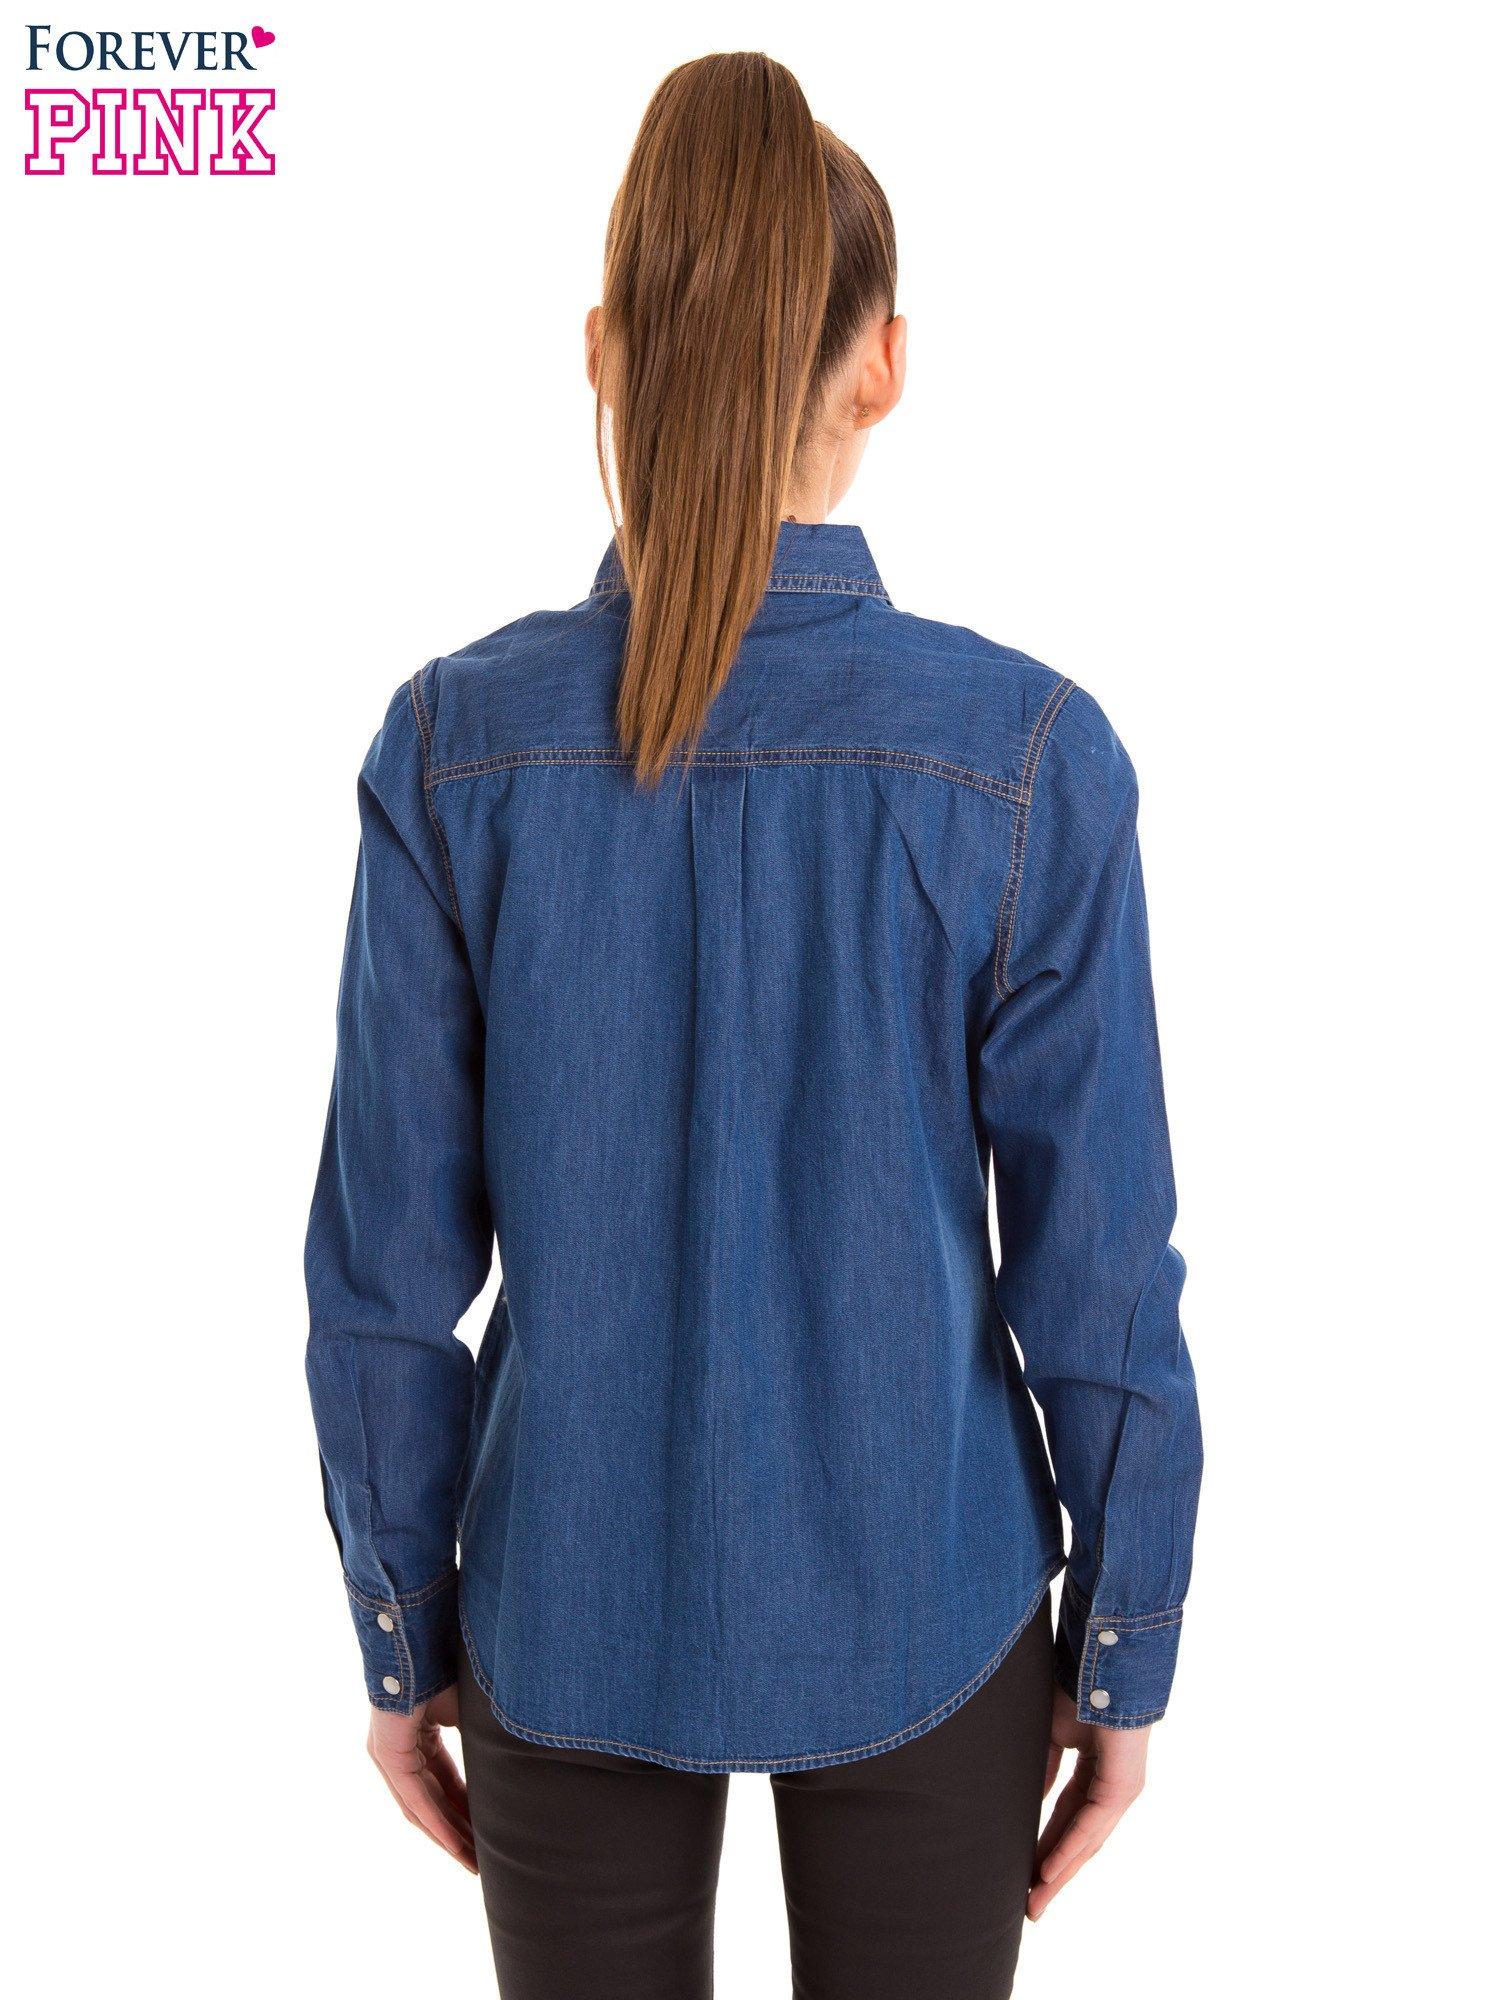 Niebieska jeansowa koszula z przetarciami                                  zdj.                                  4